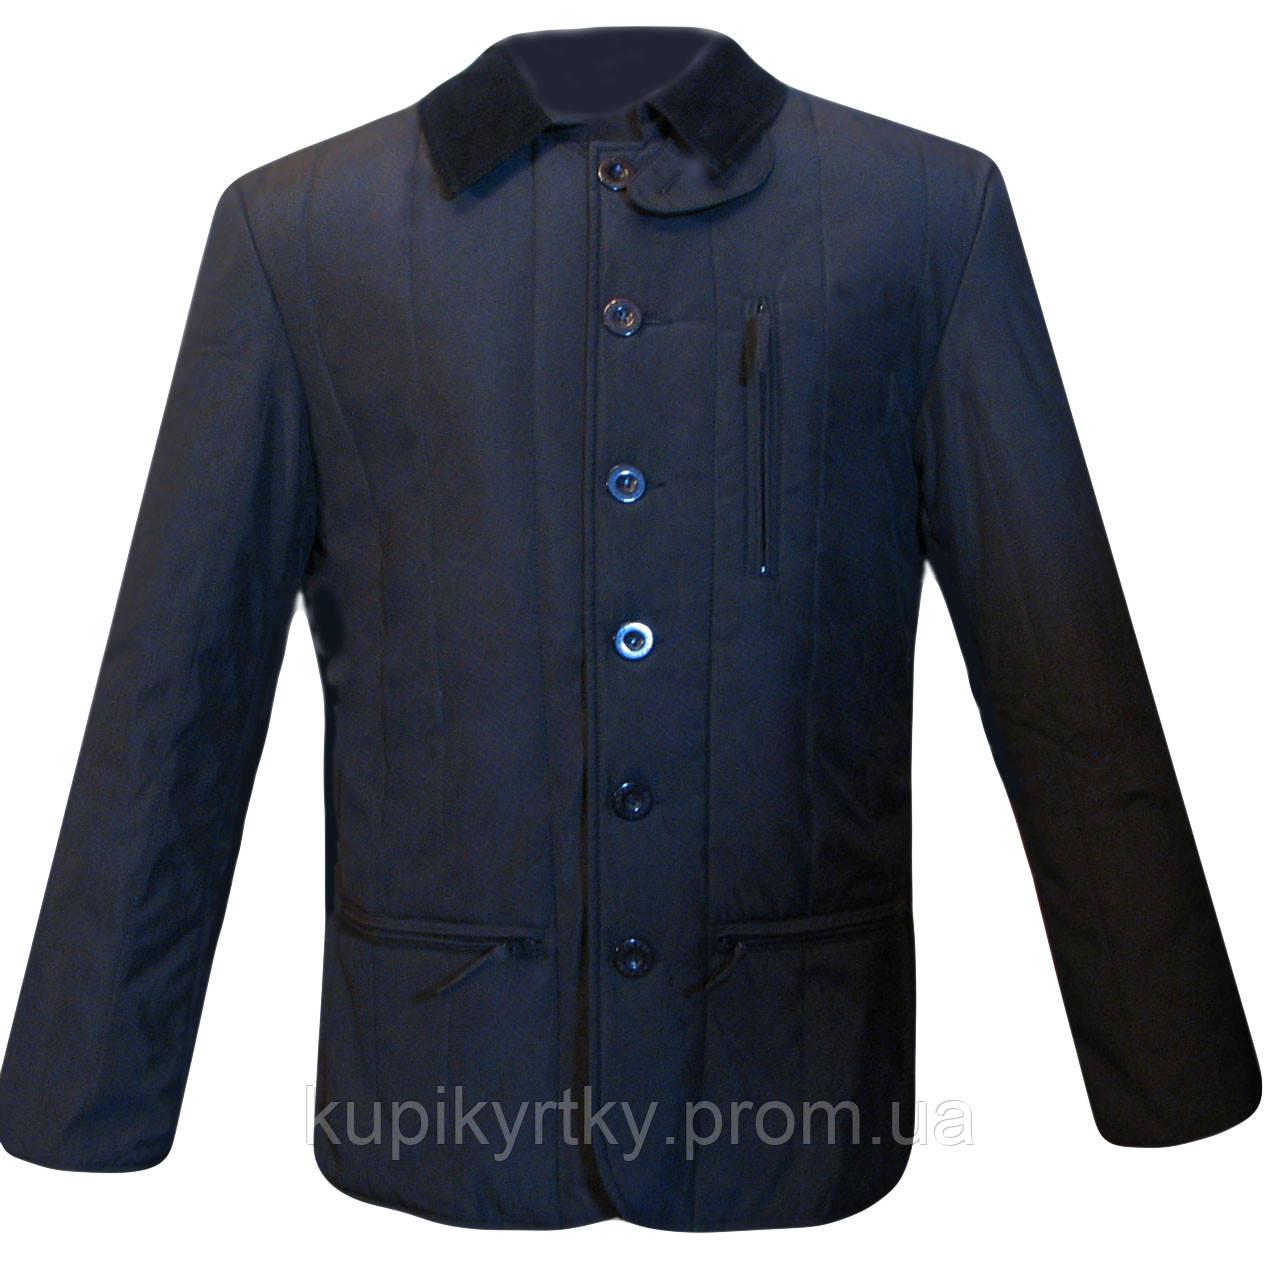 """Куртка мужская  весна-осень""""ARMANI"""" в деловом стиле."""" / размеры 46-52, фото 1"""